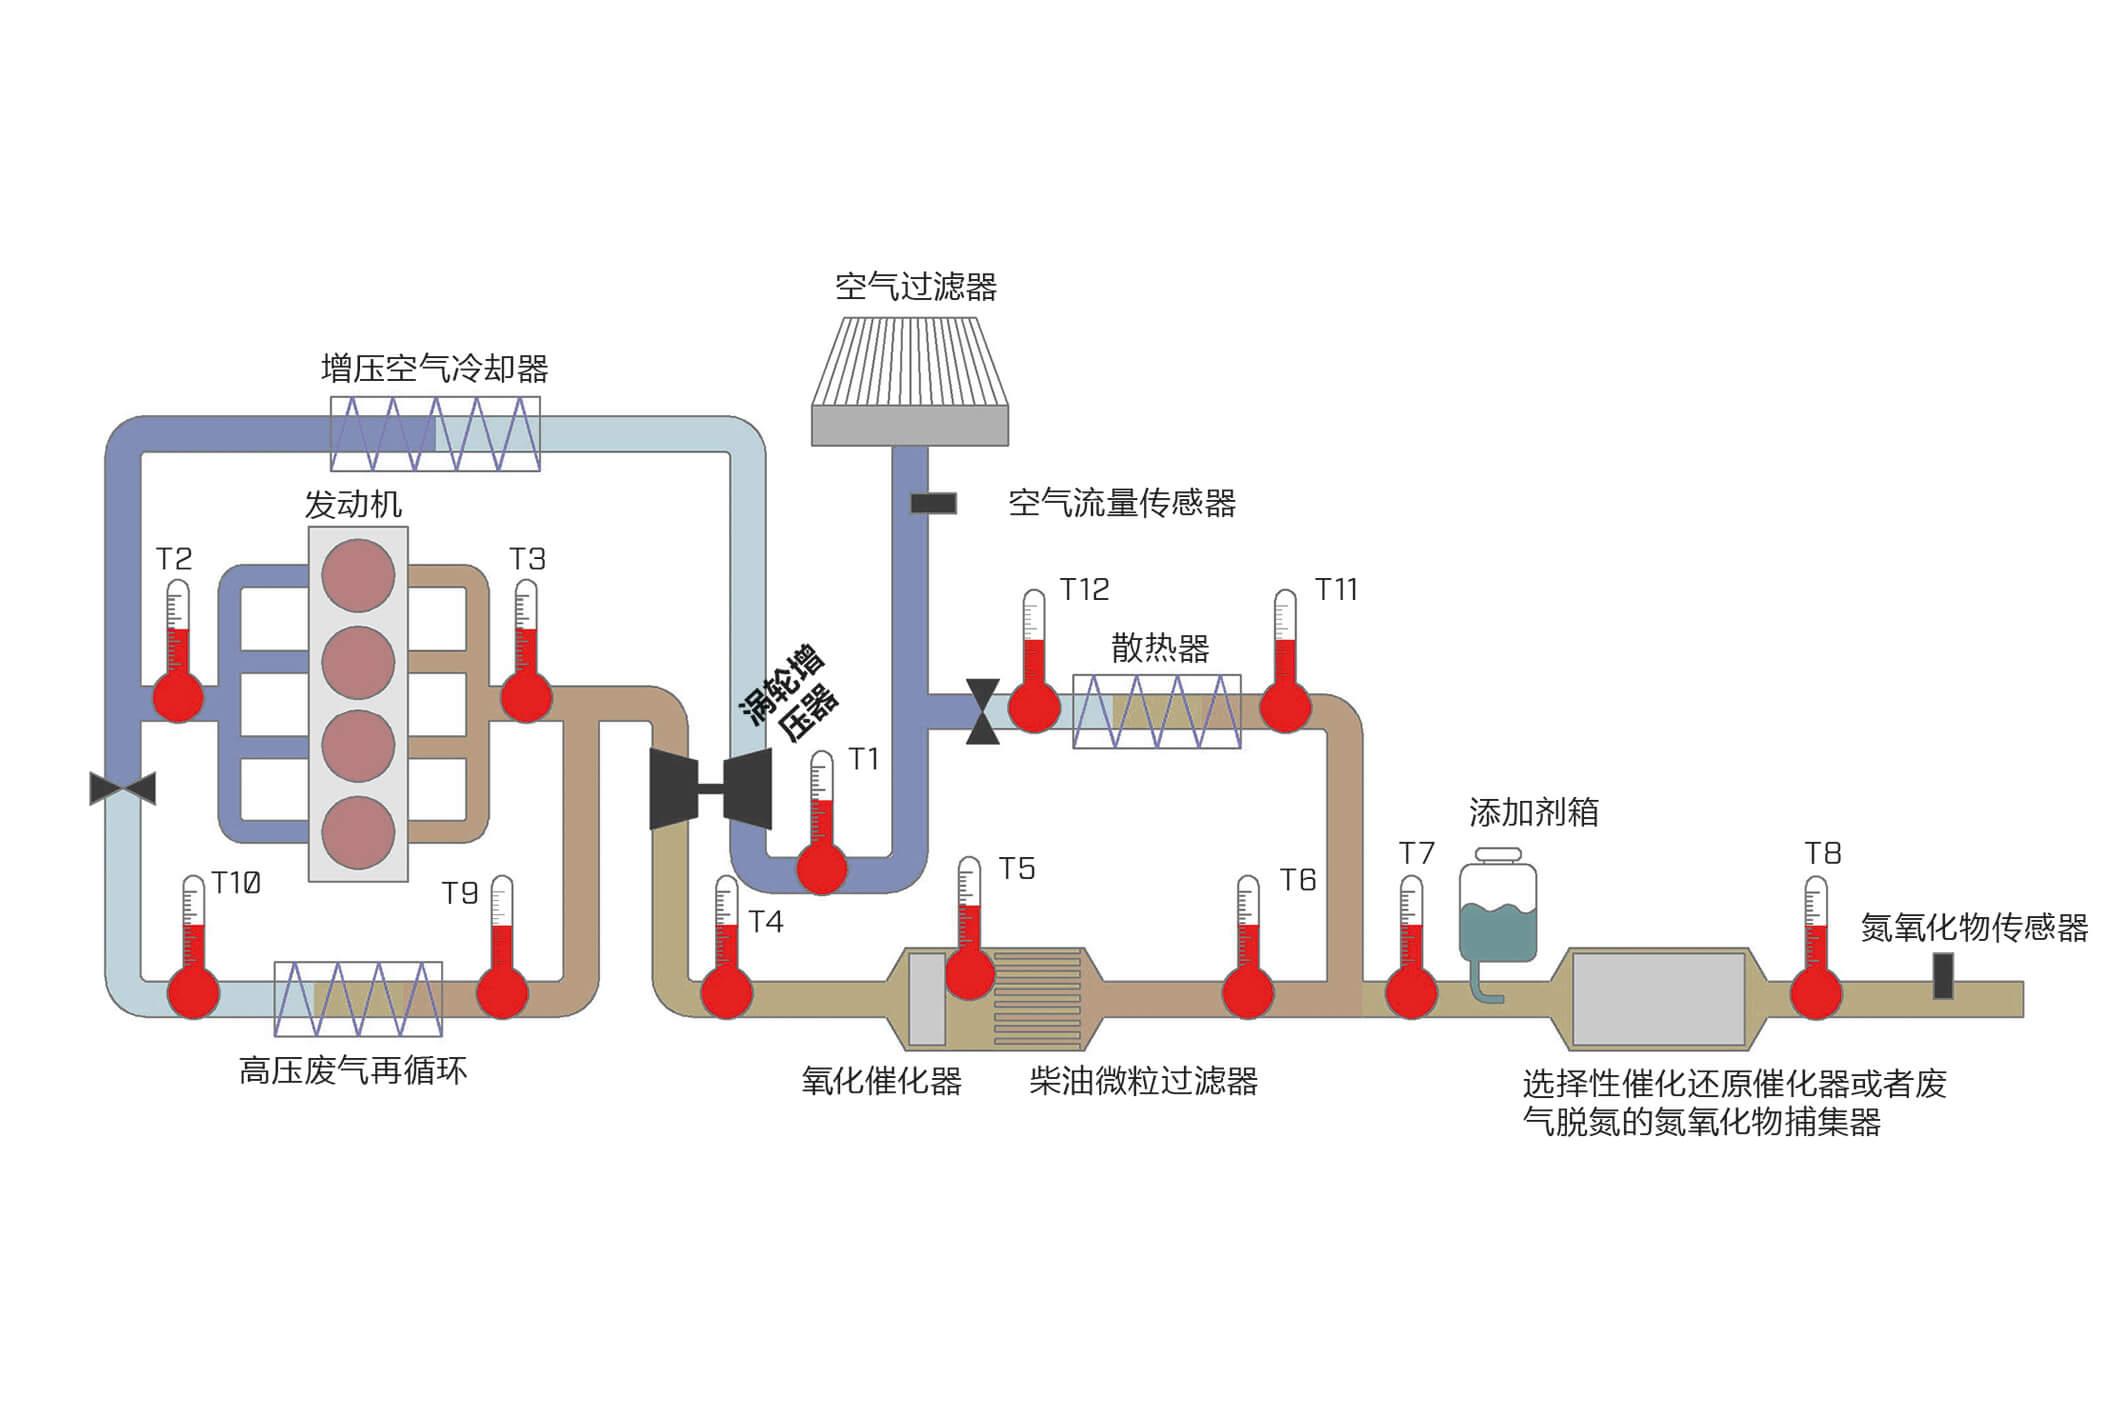 新的MEYLE-ORIGINAL废气温度传感器/HTS产品系列:  降低有害物质排放量,并且确保燃油消耗的高效性